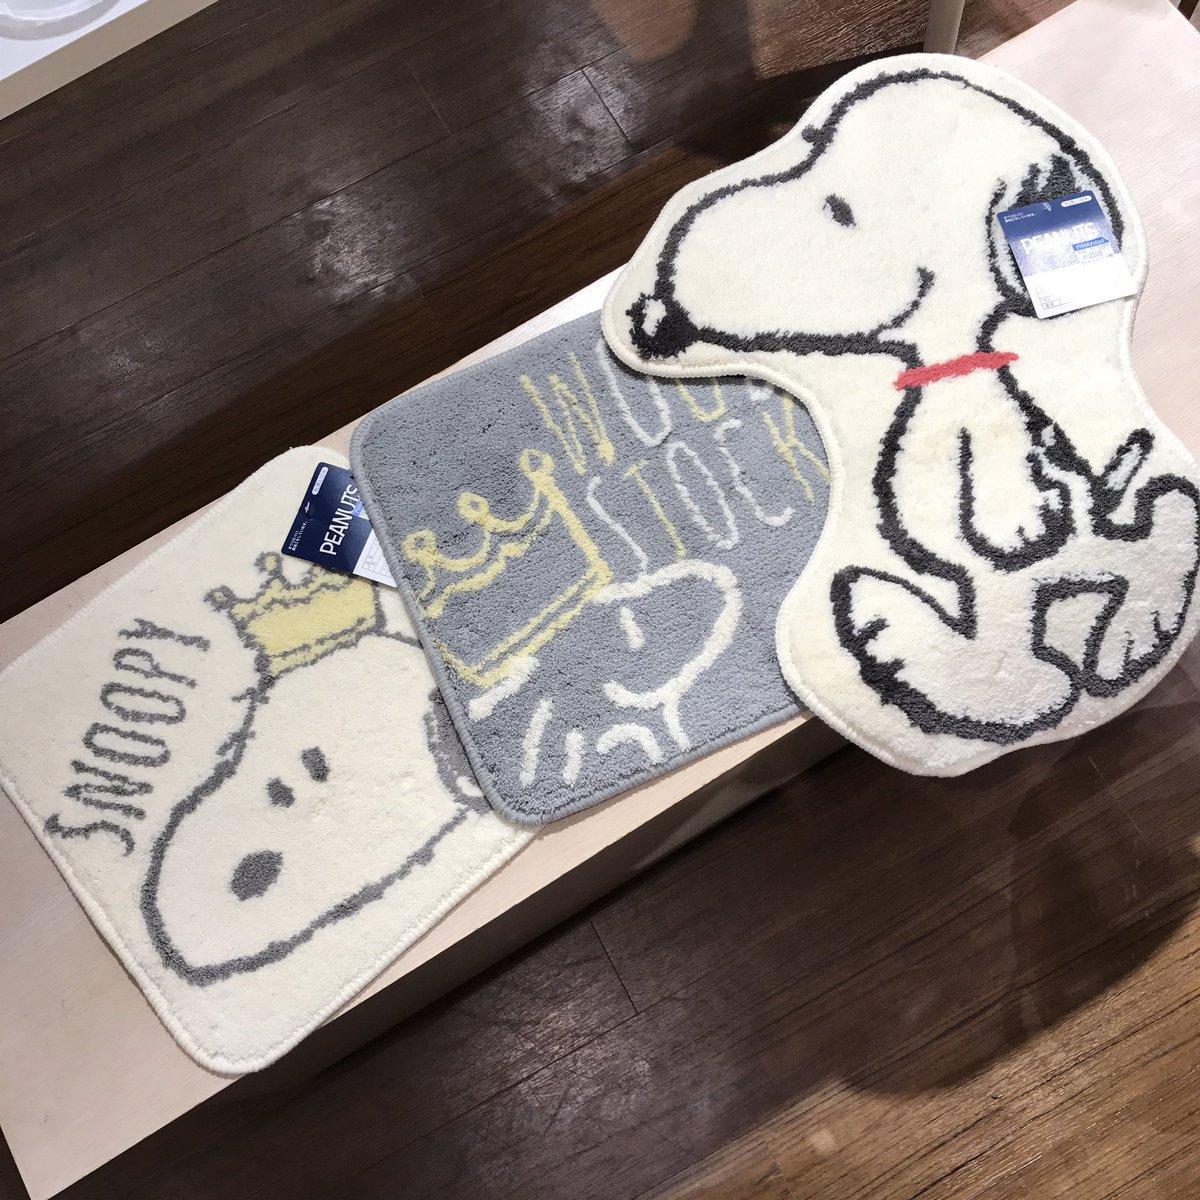 【スヌーピー マット】¥1,620~ダイカットタイプからキッチンマットなど様々なサイズのマットが入荷いたしました(^^)